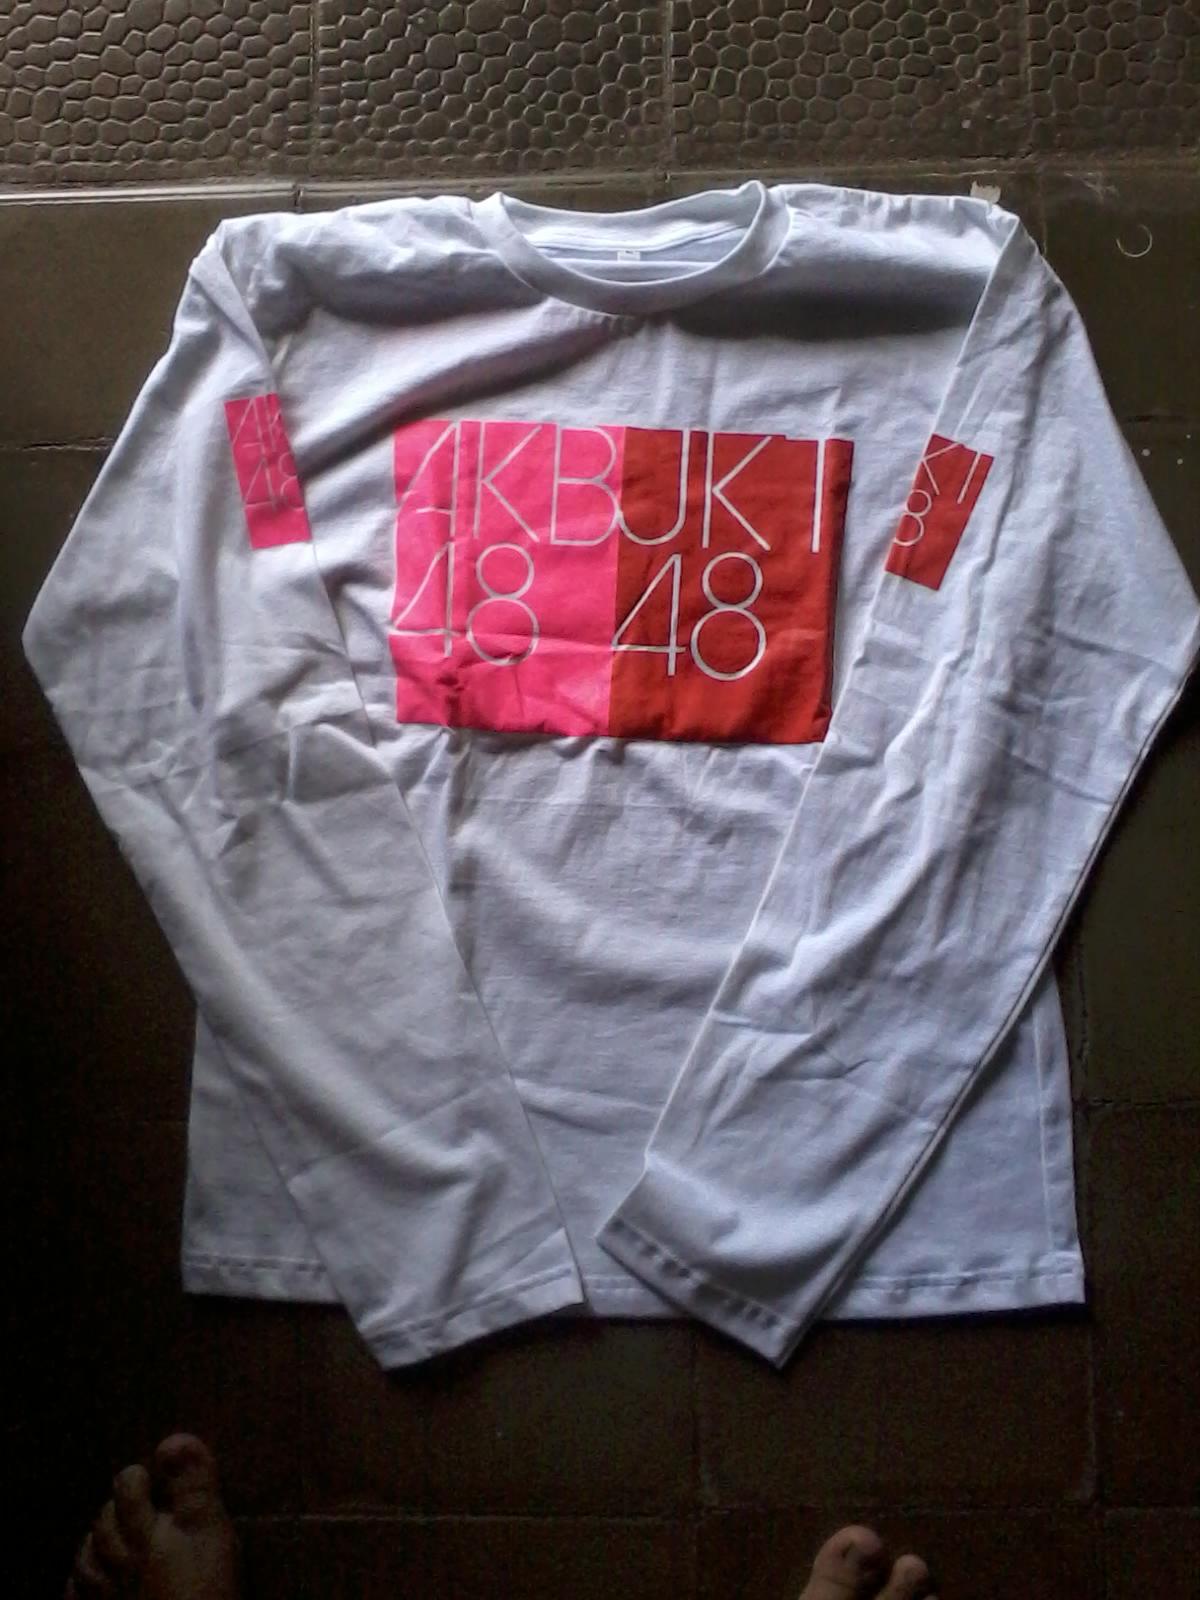 Desain t shirt jkt48 -  Done Kaos Jkt48 Tampak Belakang Angka 4 Terbentuk Dari Twitter Member Jkt48 Angka 8 Terbentuk Dari Nama Panggilan Member Akb48 Bahan Cotton Combed